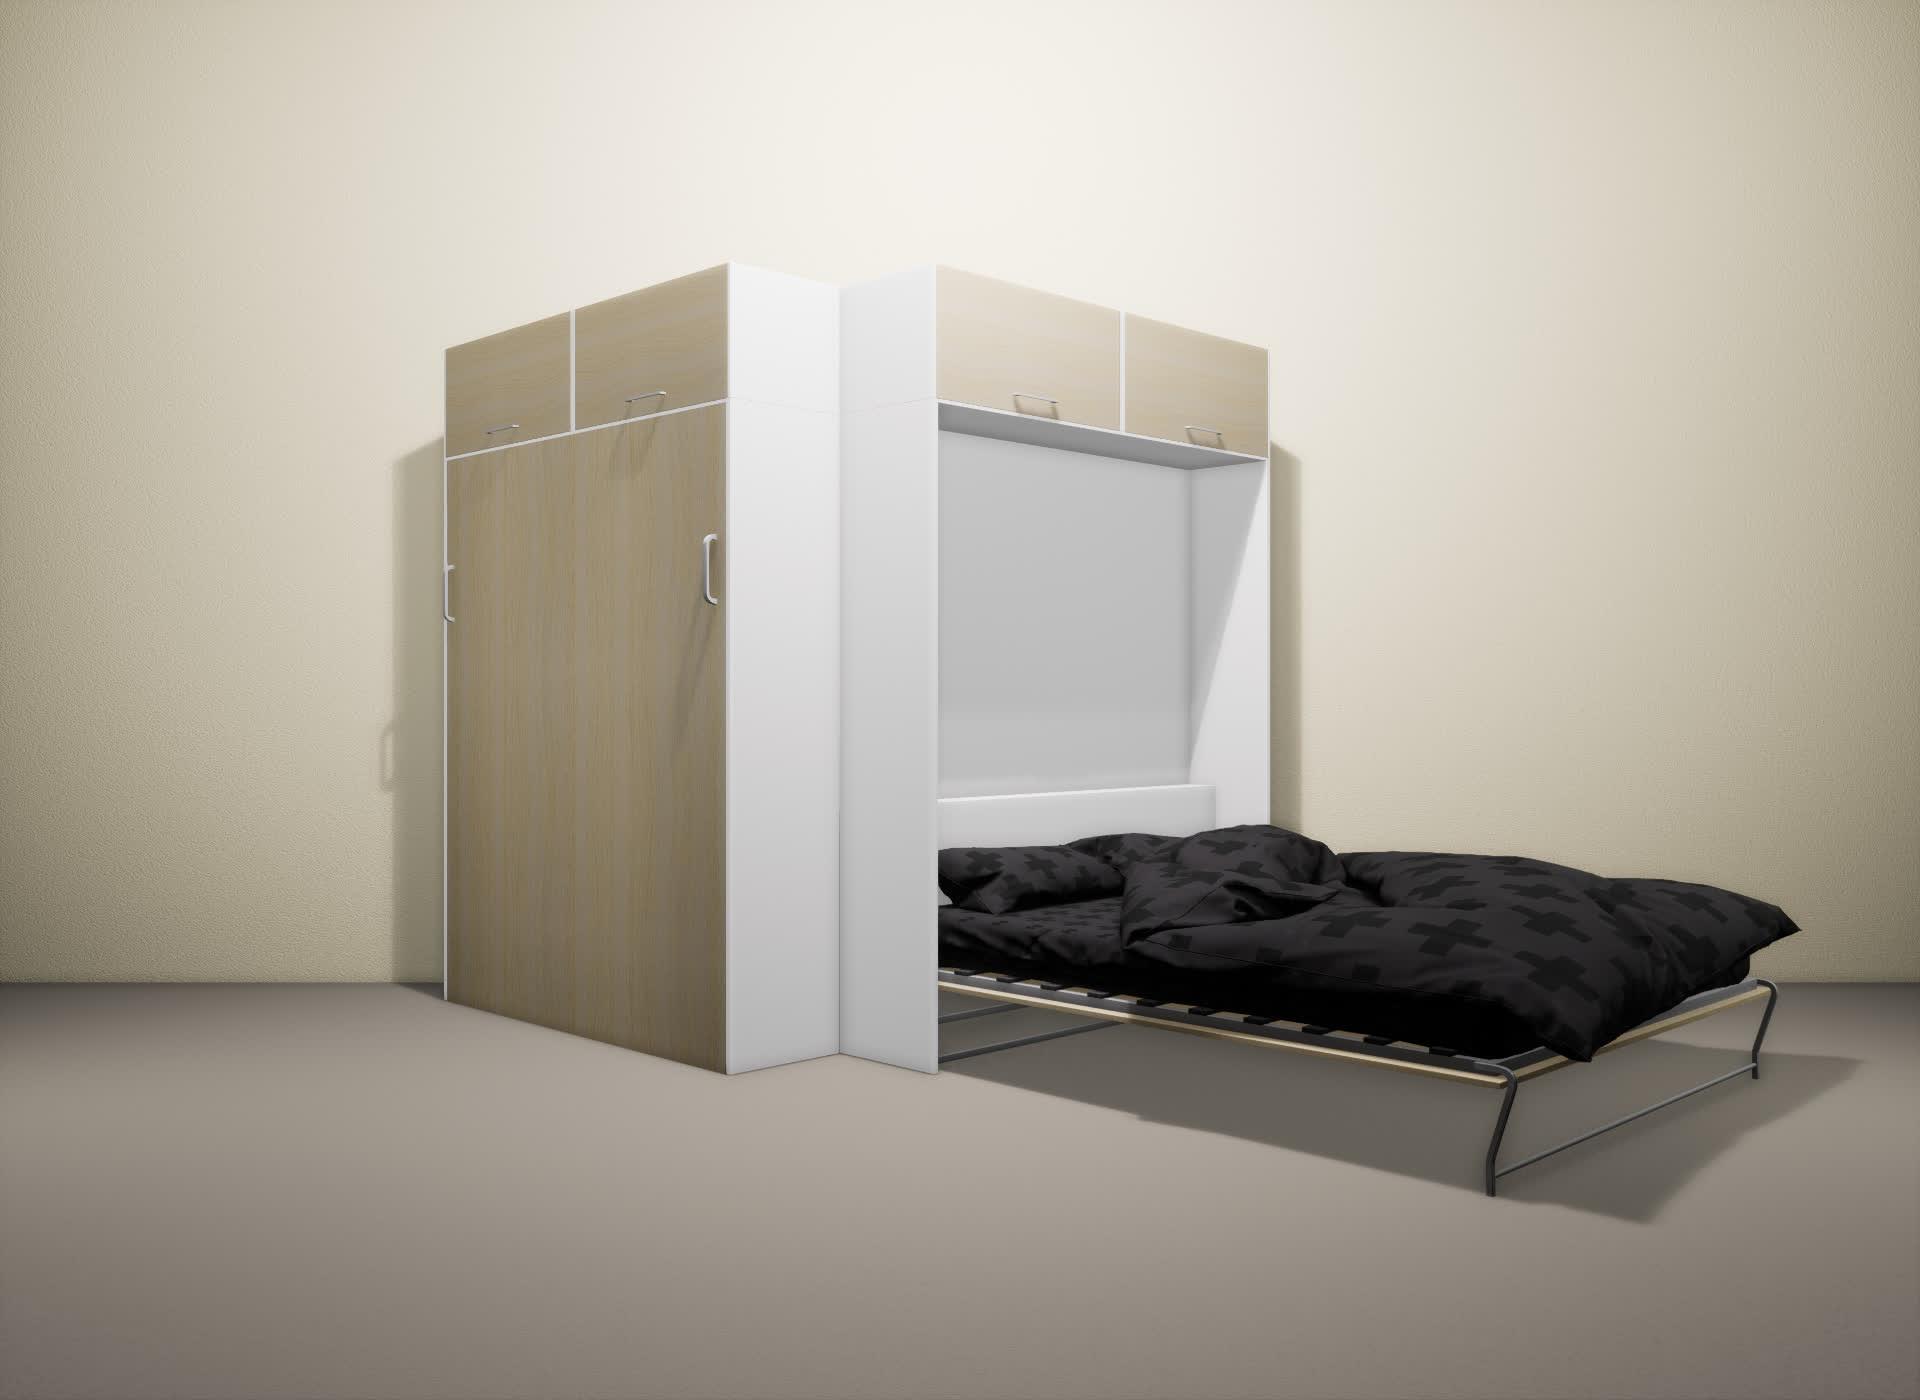 Шкаф-кровать SMART HOME Альфа белый/молочный дуб